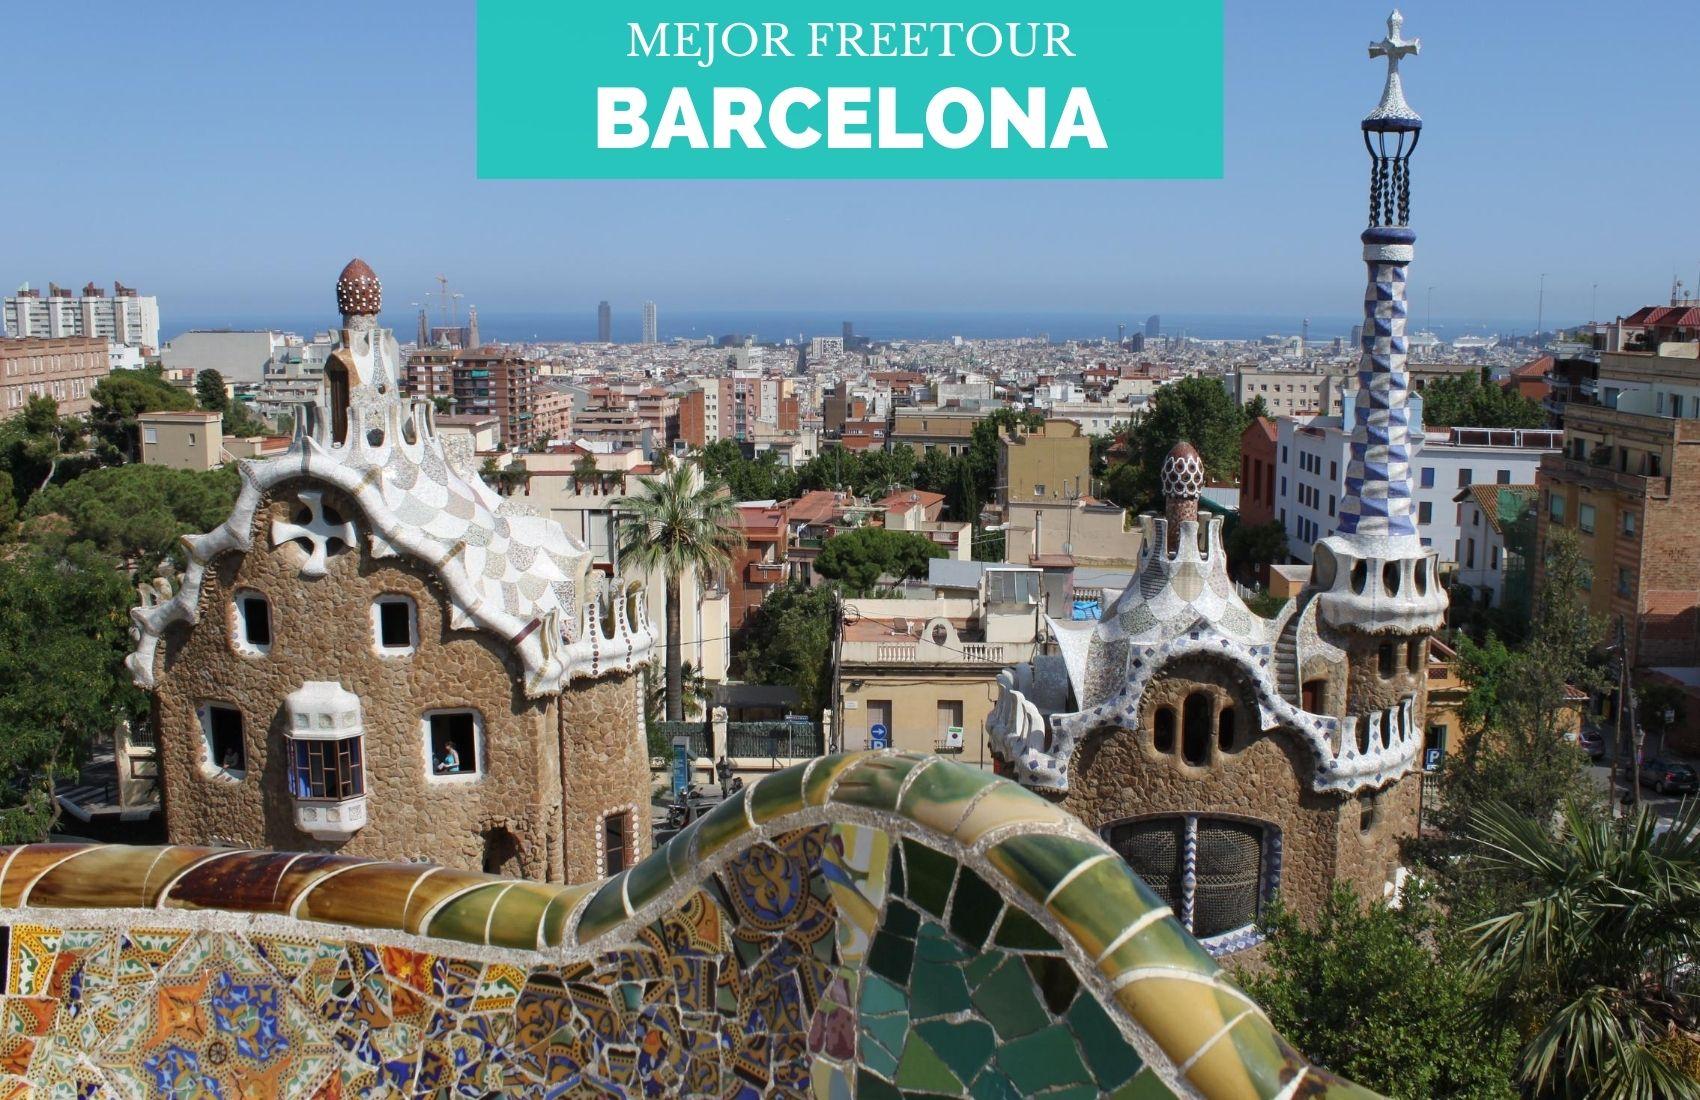 Portada-Mejor-freetour-Barcelona-espana